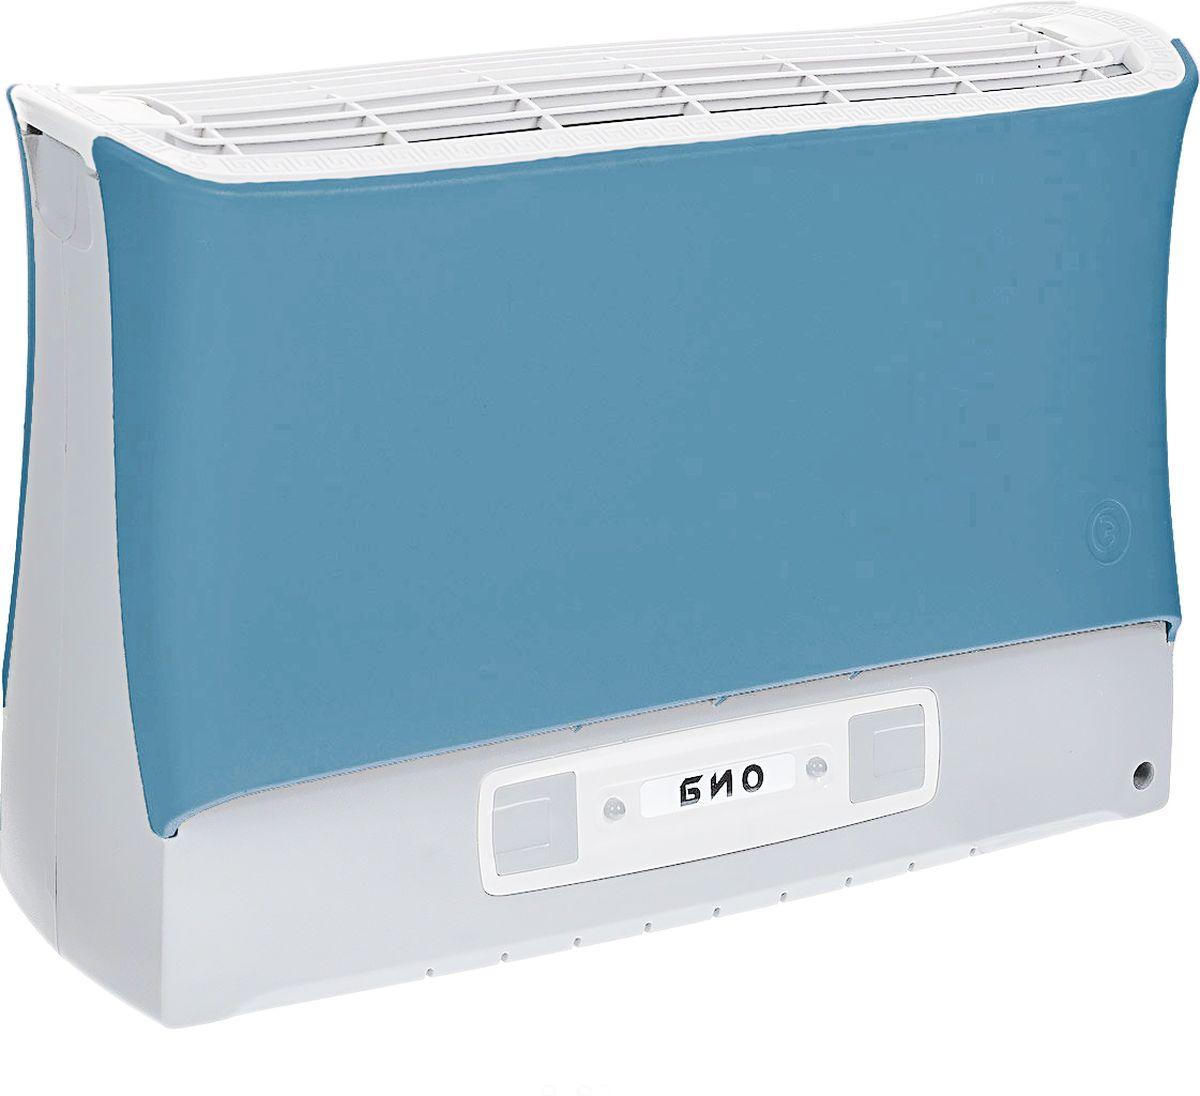 Очиститель-ионизатор воздуха Супер-плюс-Био синий очиститель воздуха в автомобиль